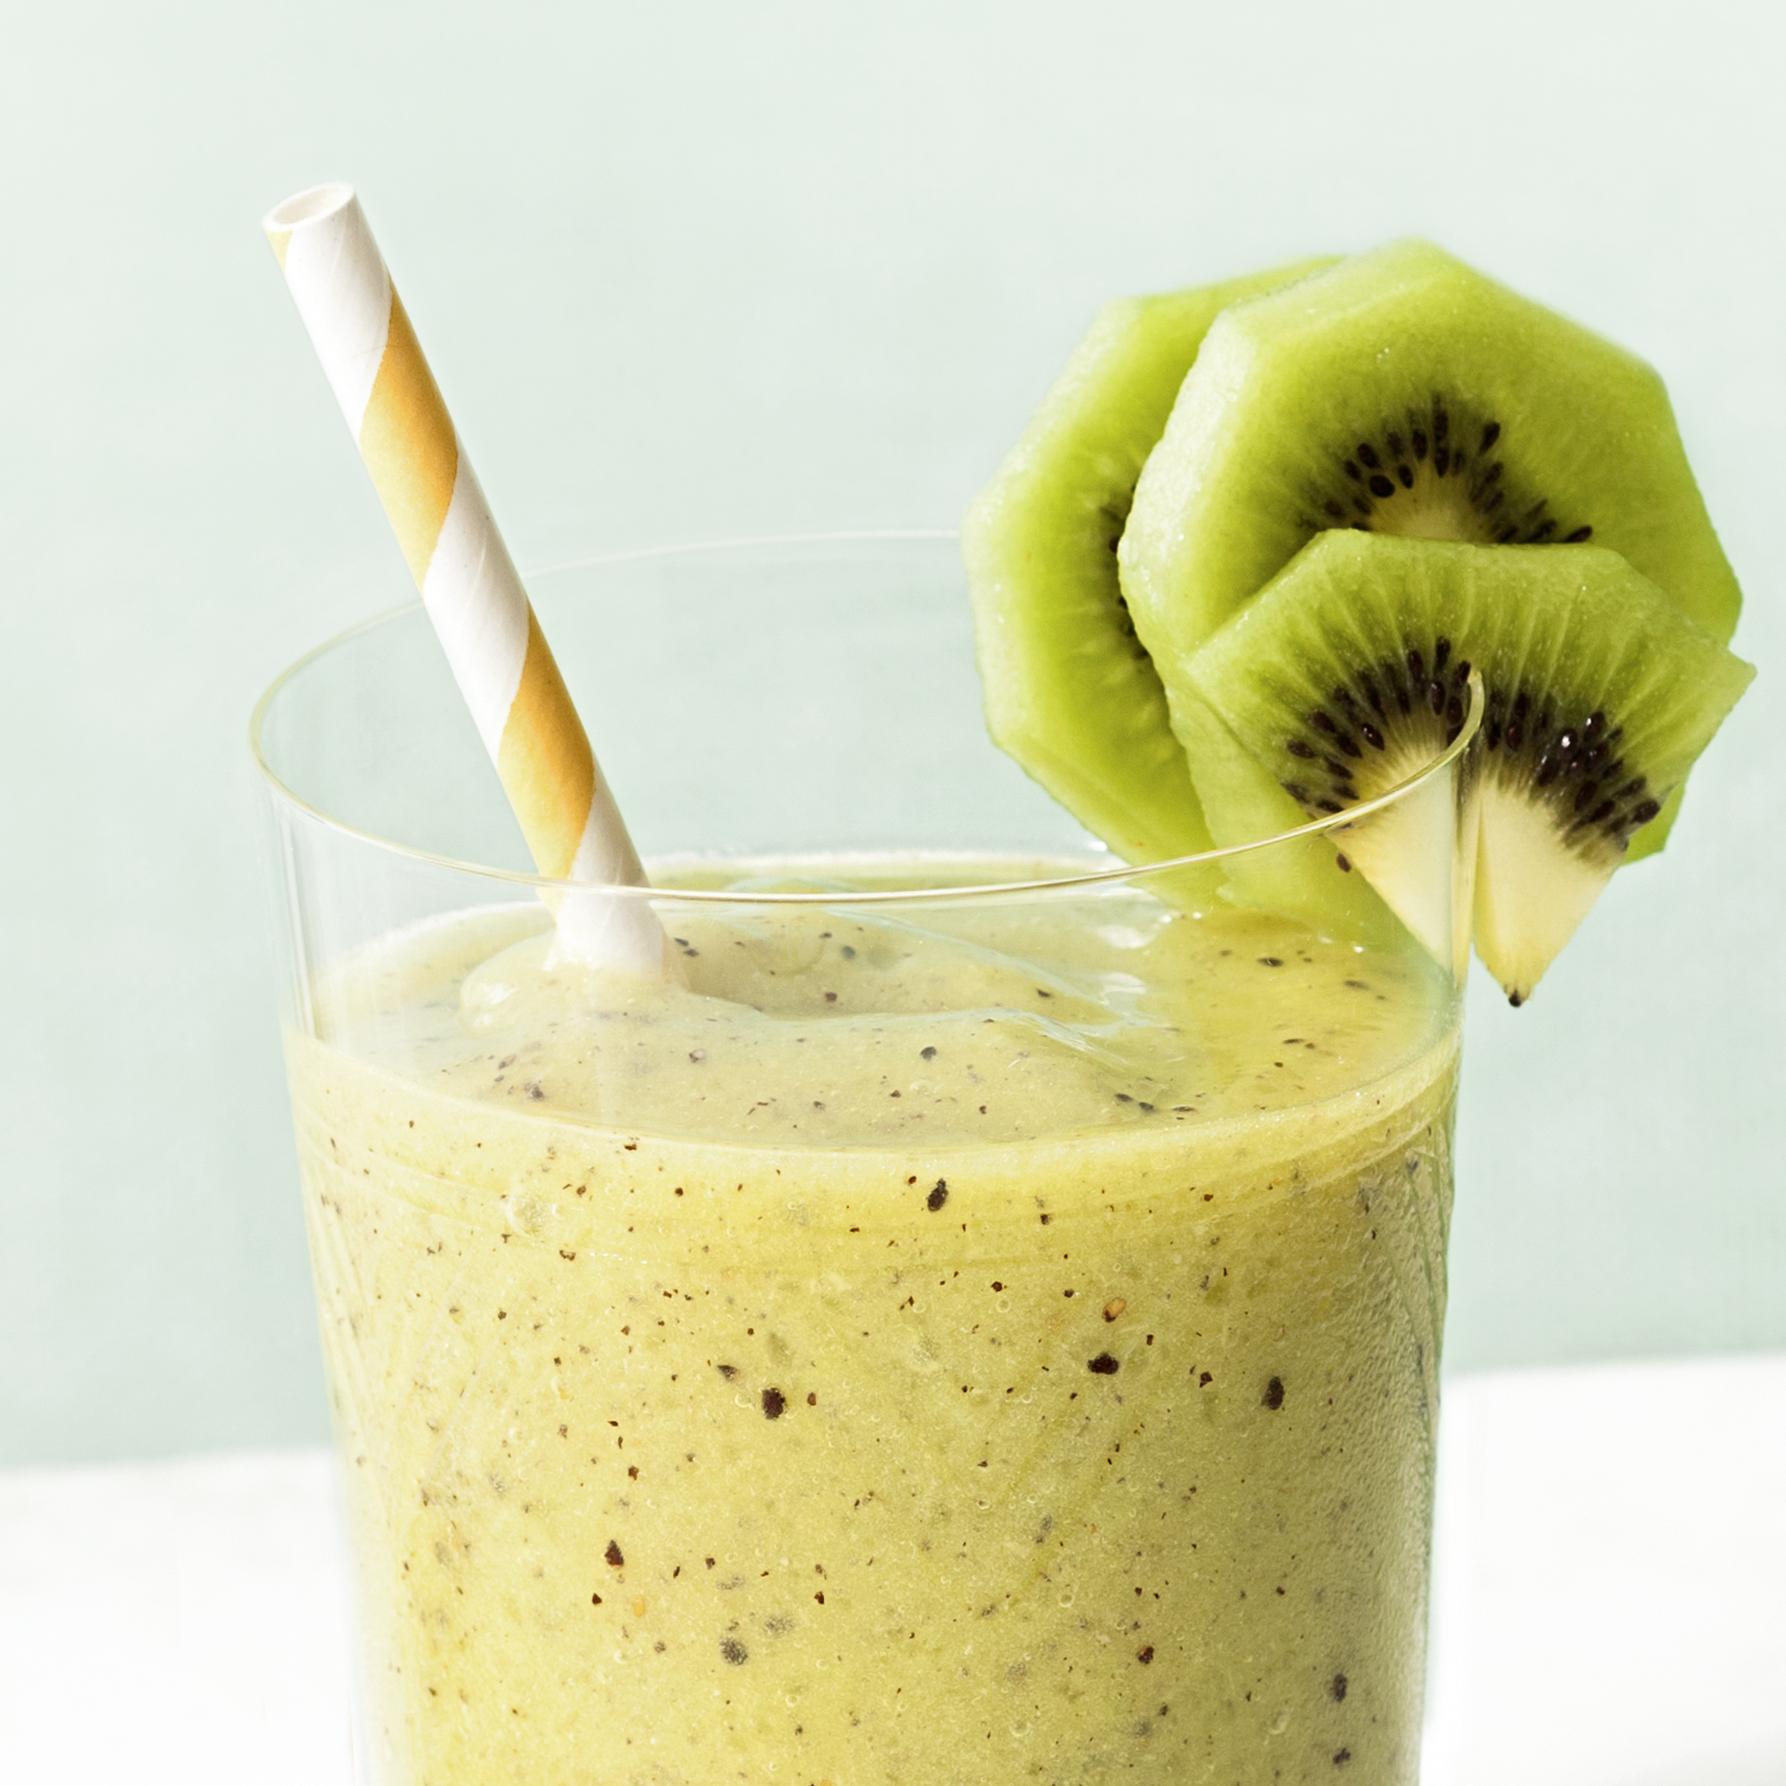 kiwi-pineapple smoothies